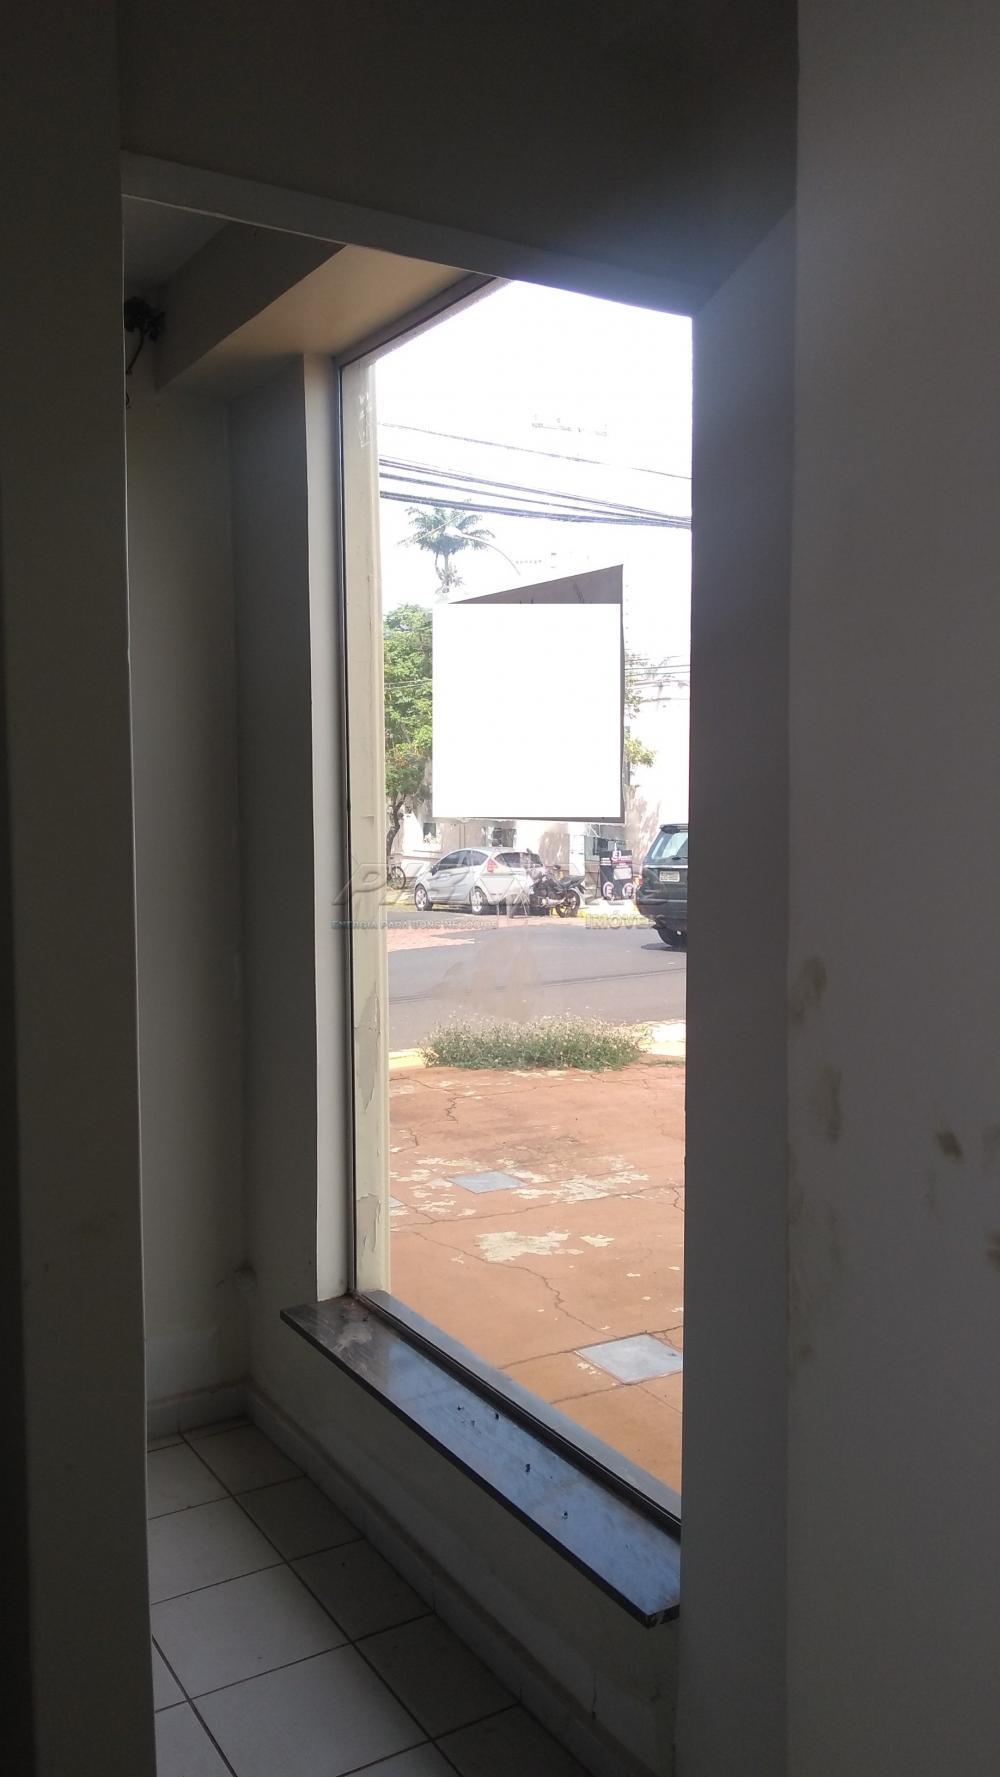 Alugar Comercial / Prédio em Ribeirão Preto apenas R$ 8.000,00 - Foto 5